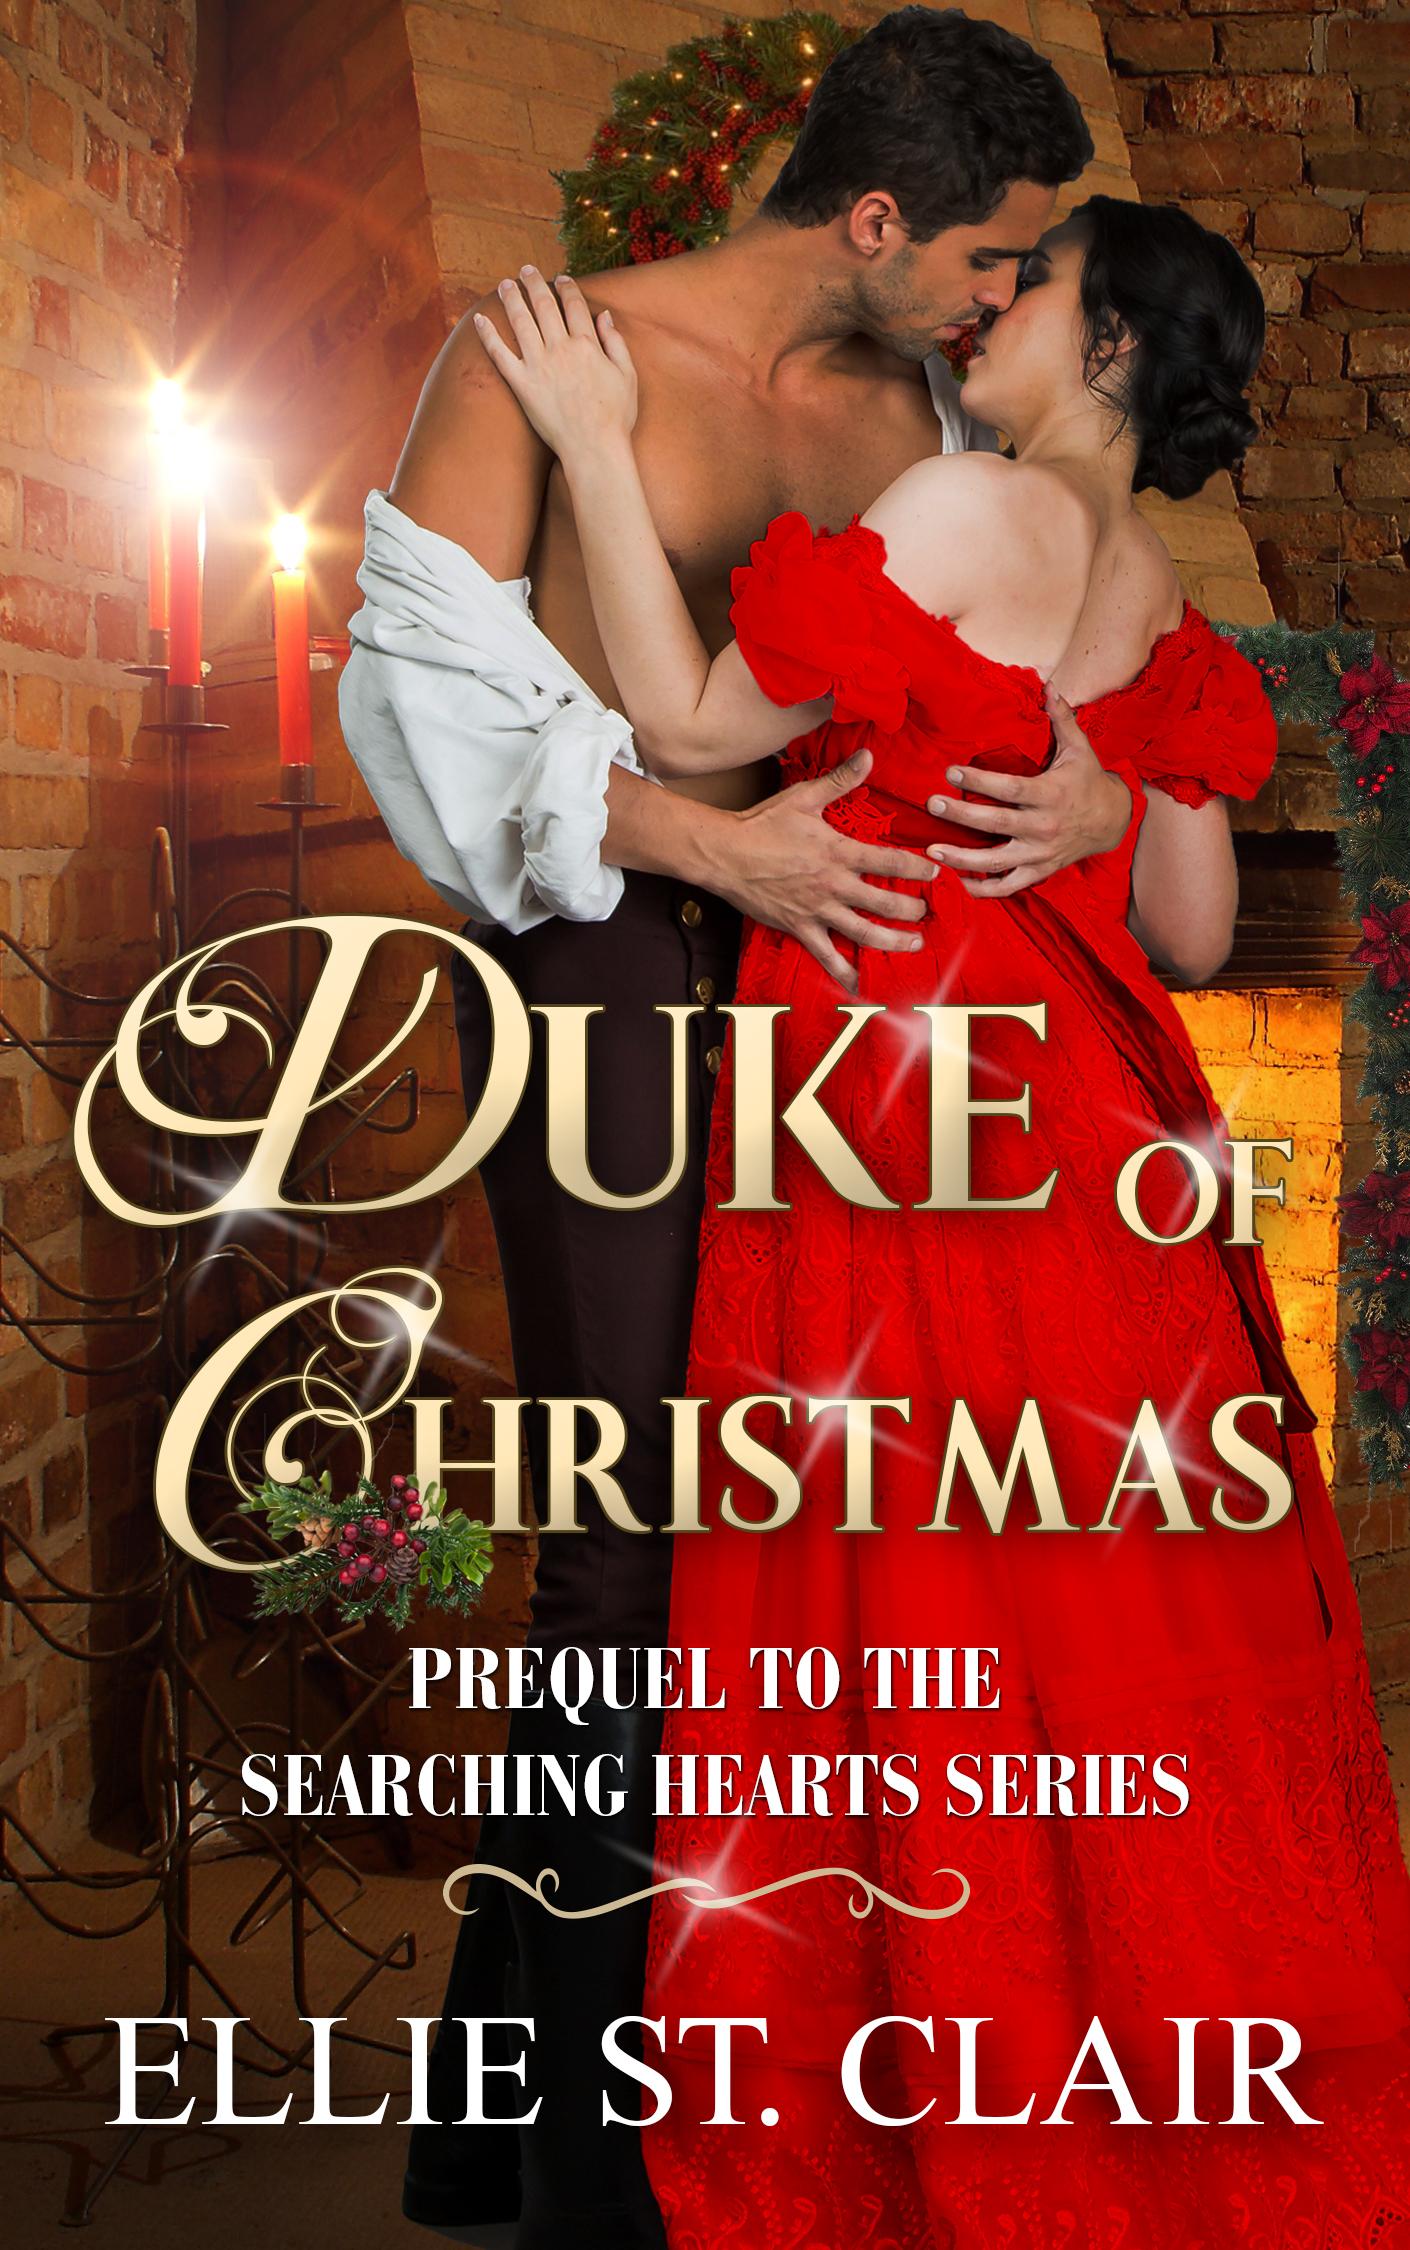 Duke-of-Christmas (1).jpg